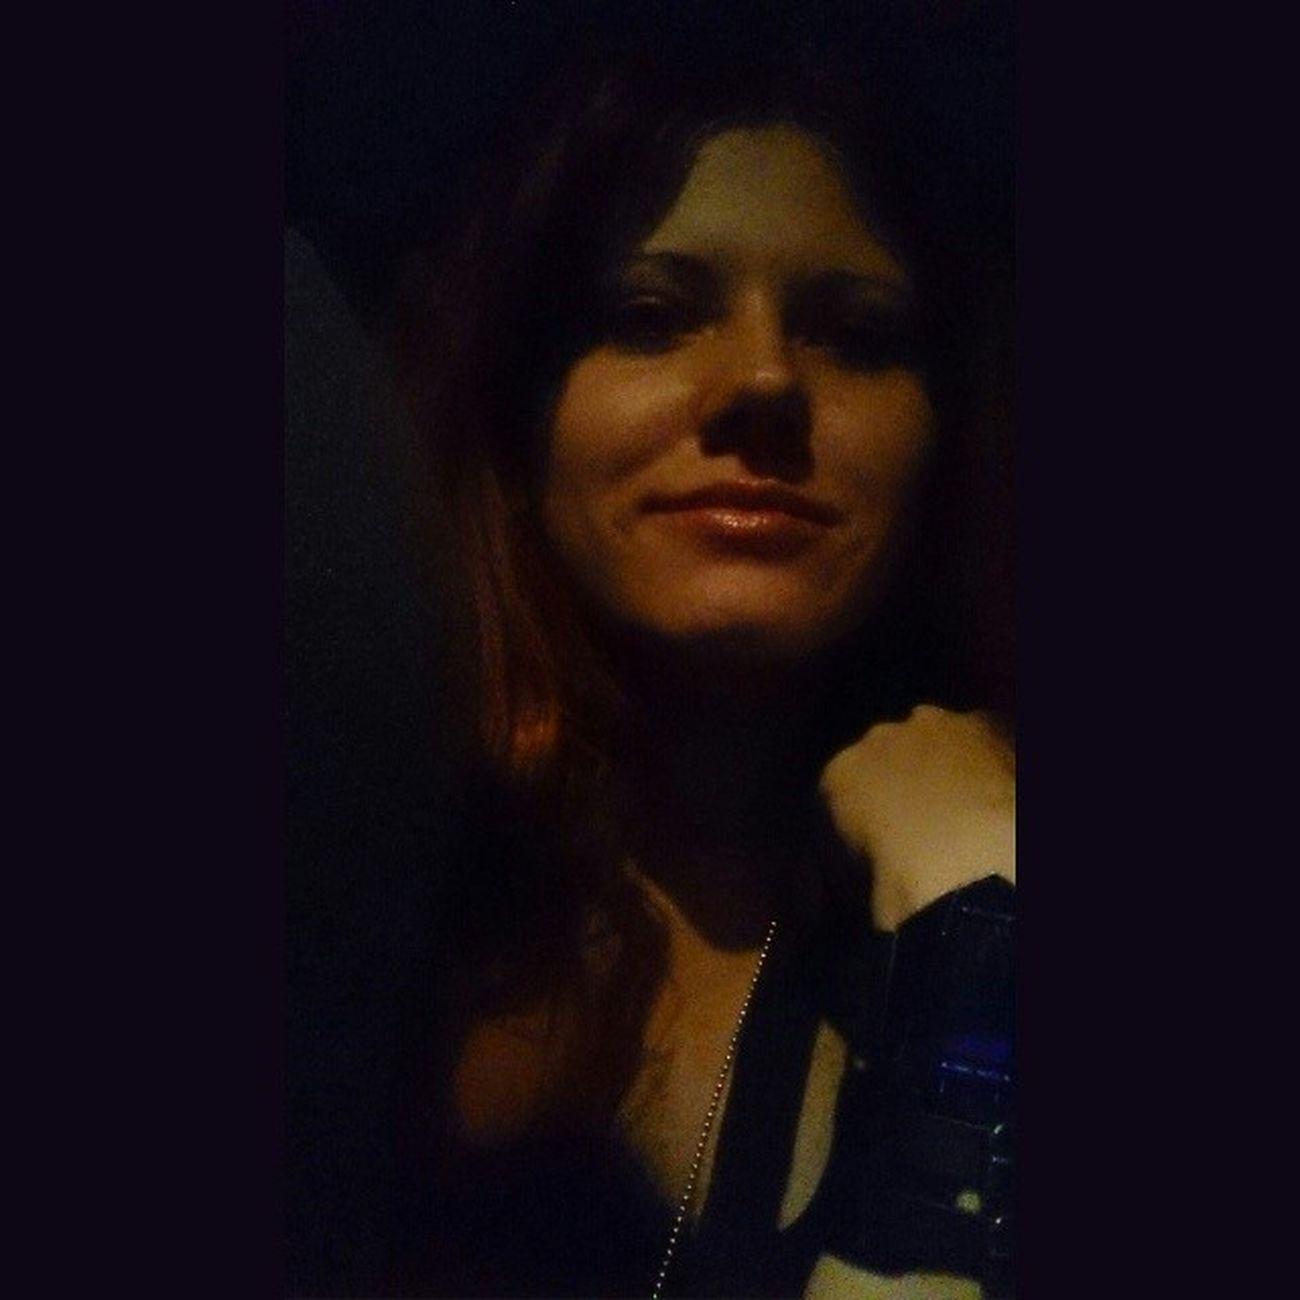 Все уезжаю в Геленджик !... Но всем как-то пох... :-D Сэлфи Ночь Азов selfie night Azov Going to Gelendzhik!... But nobody cares... :-D